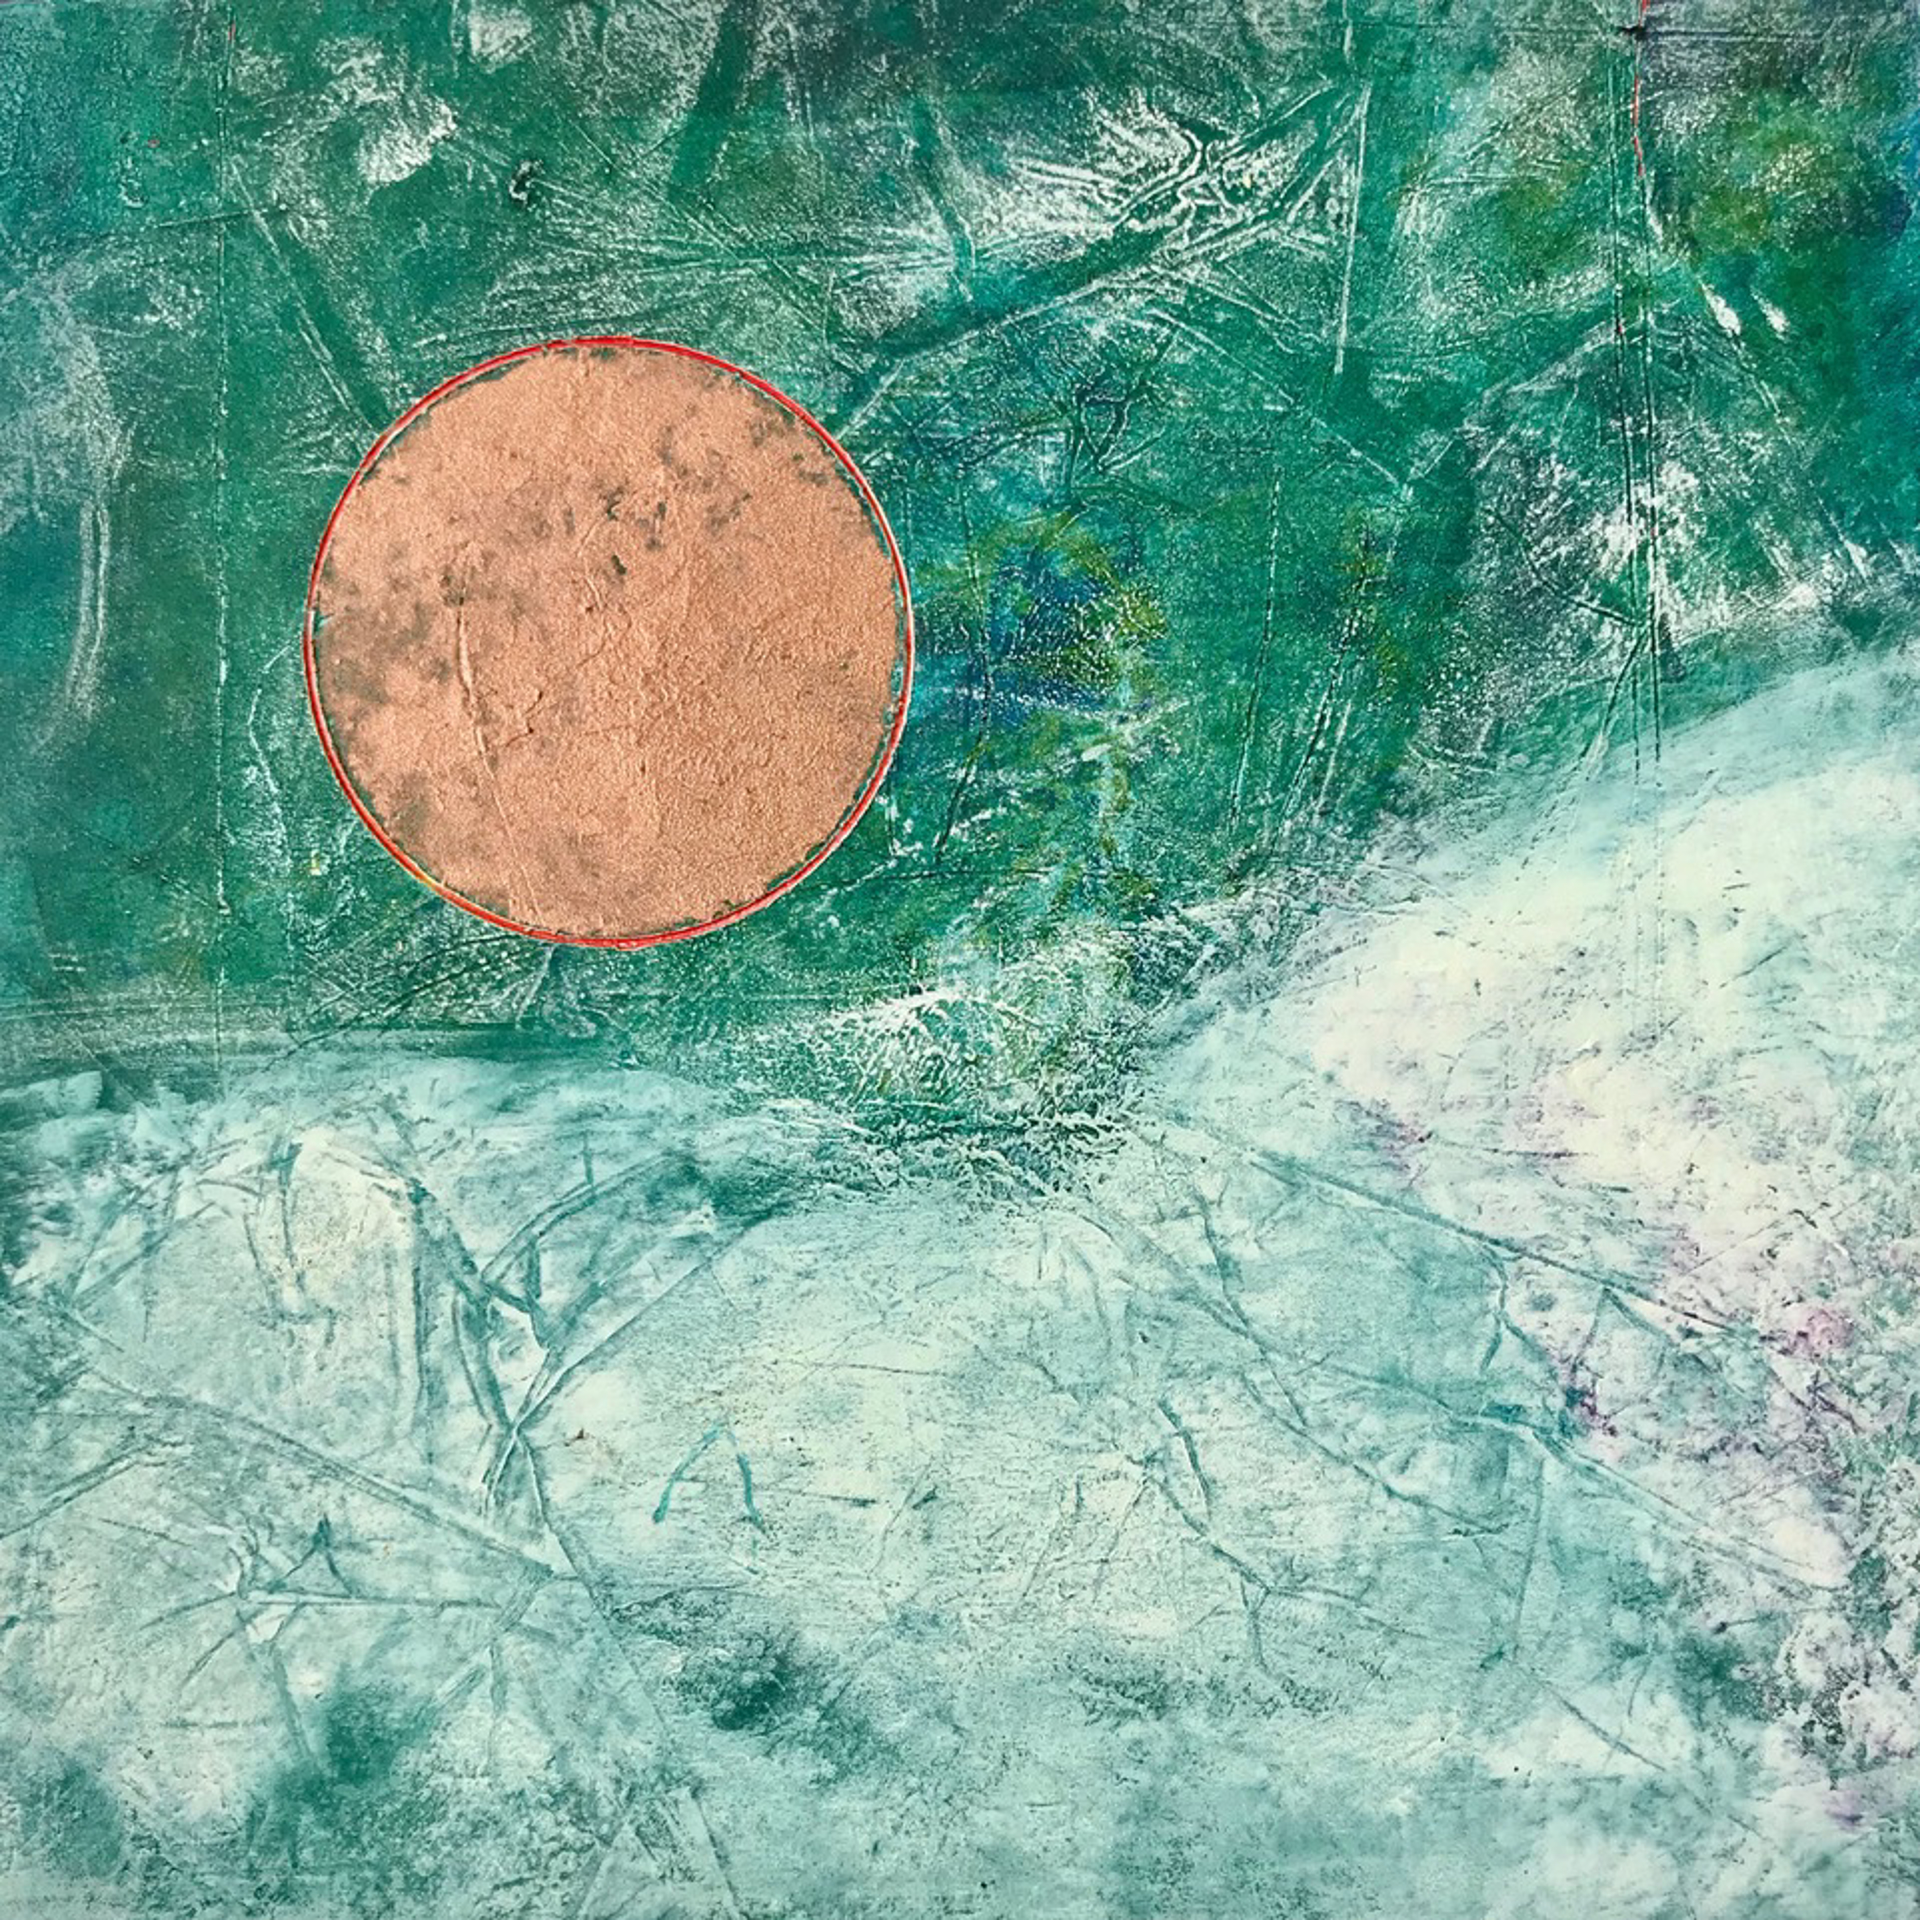 Celestial #1 by Lori Elliott-Bartle